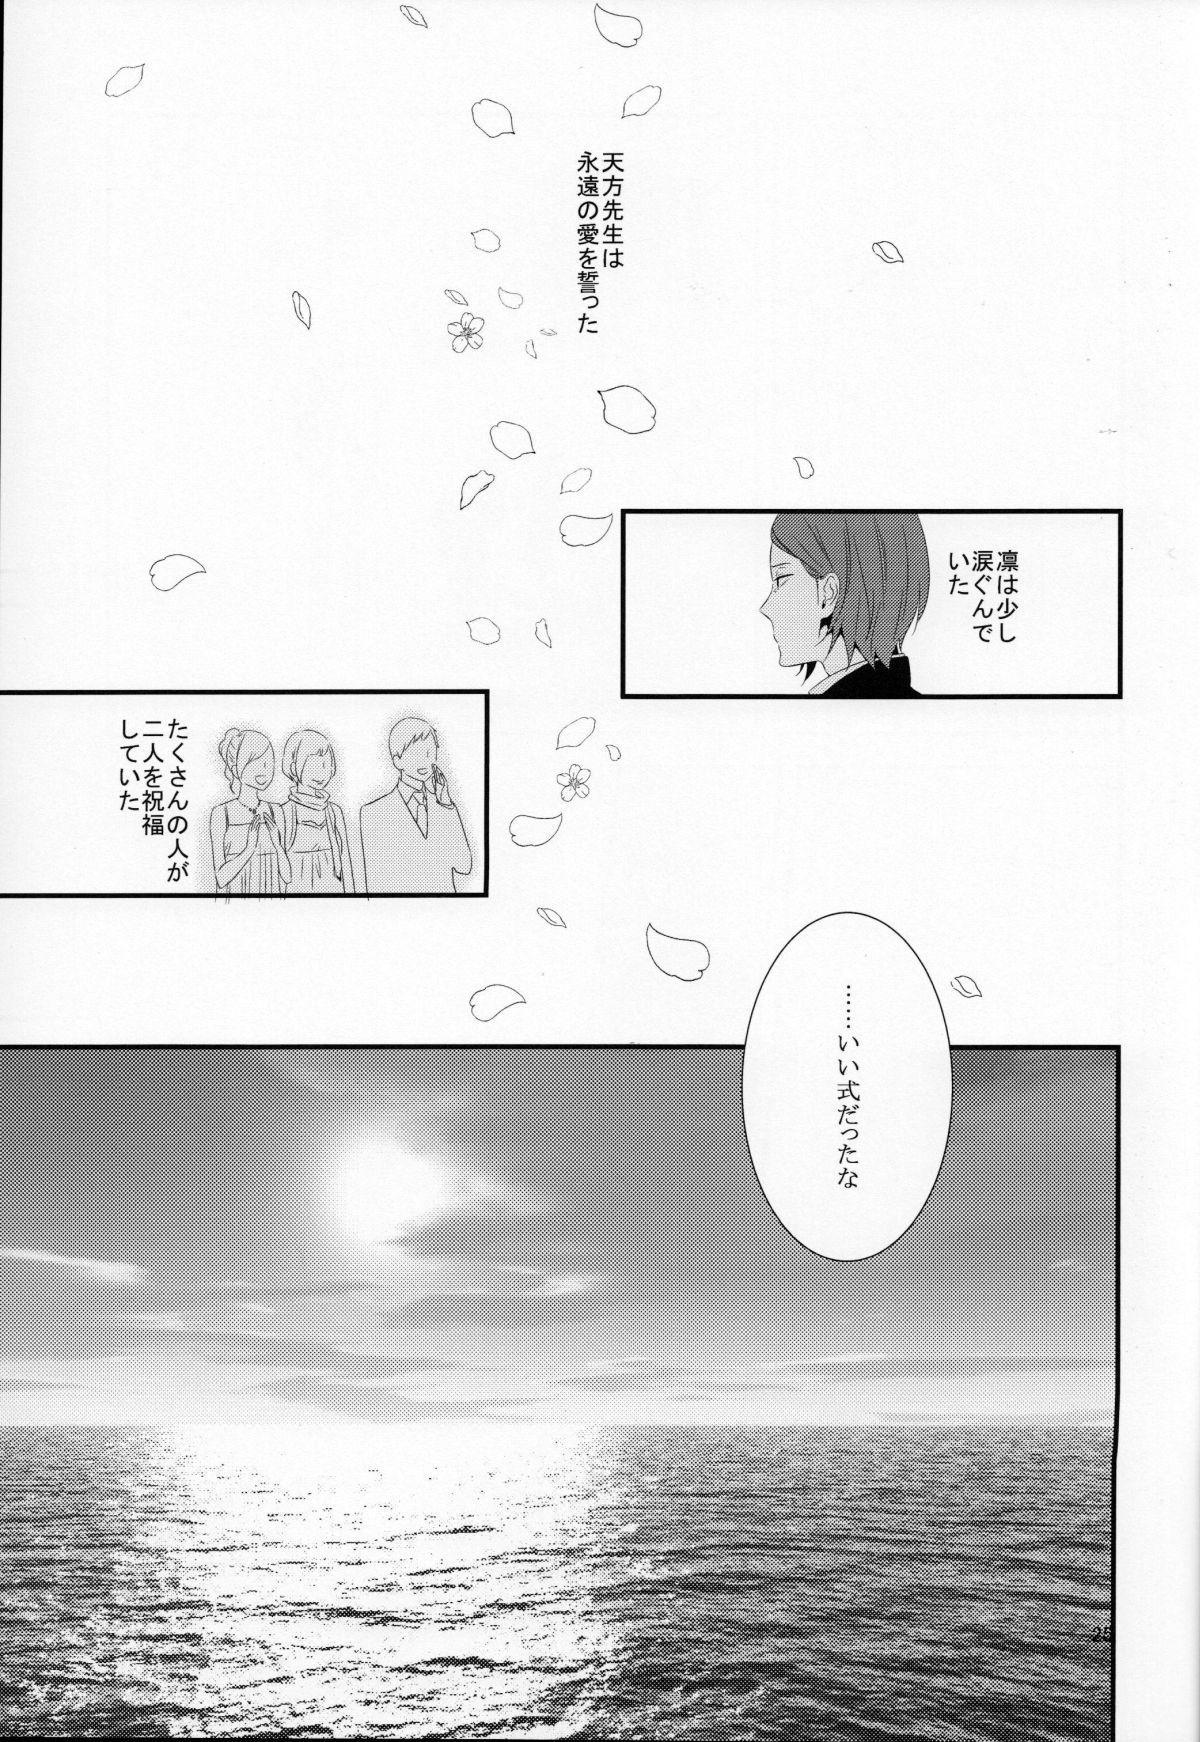 Sayonara, Bokura no Hatsukoi 25